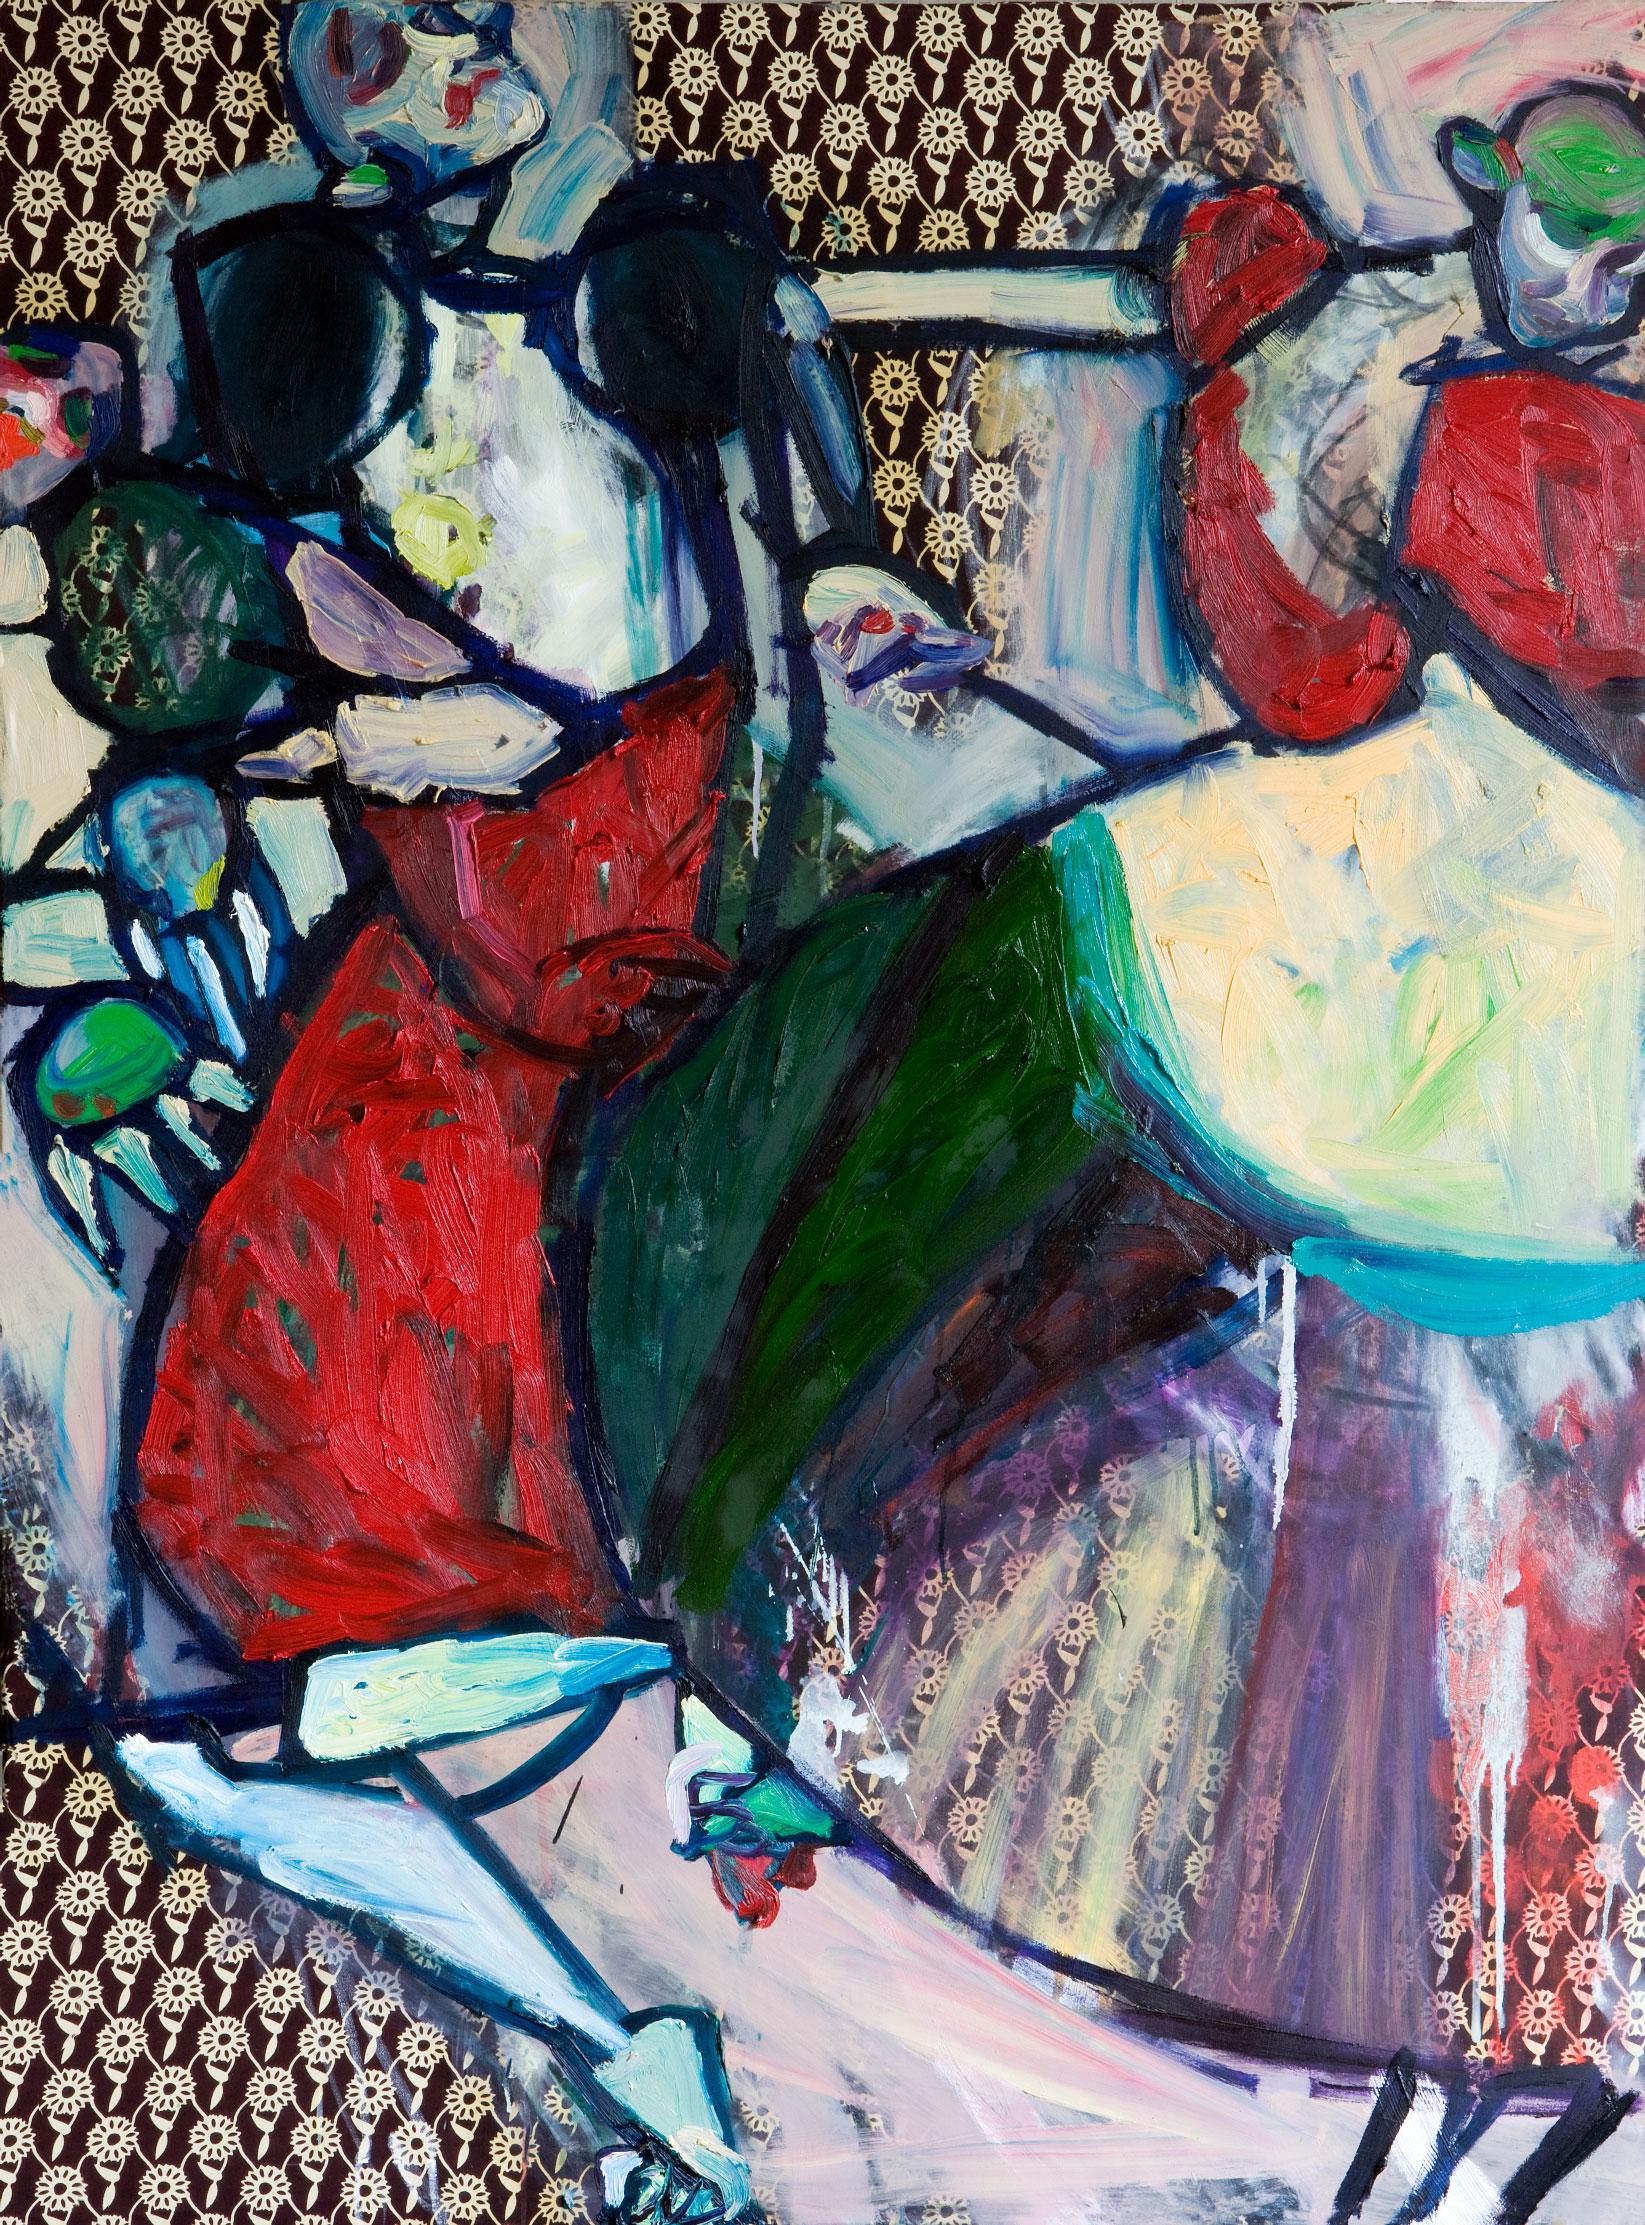 Danse4/huile sur toile/130x97